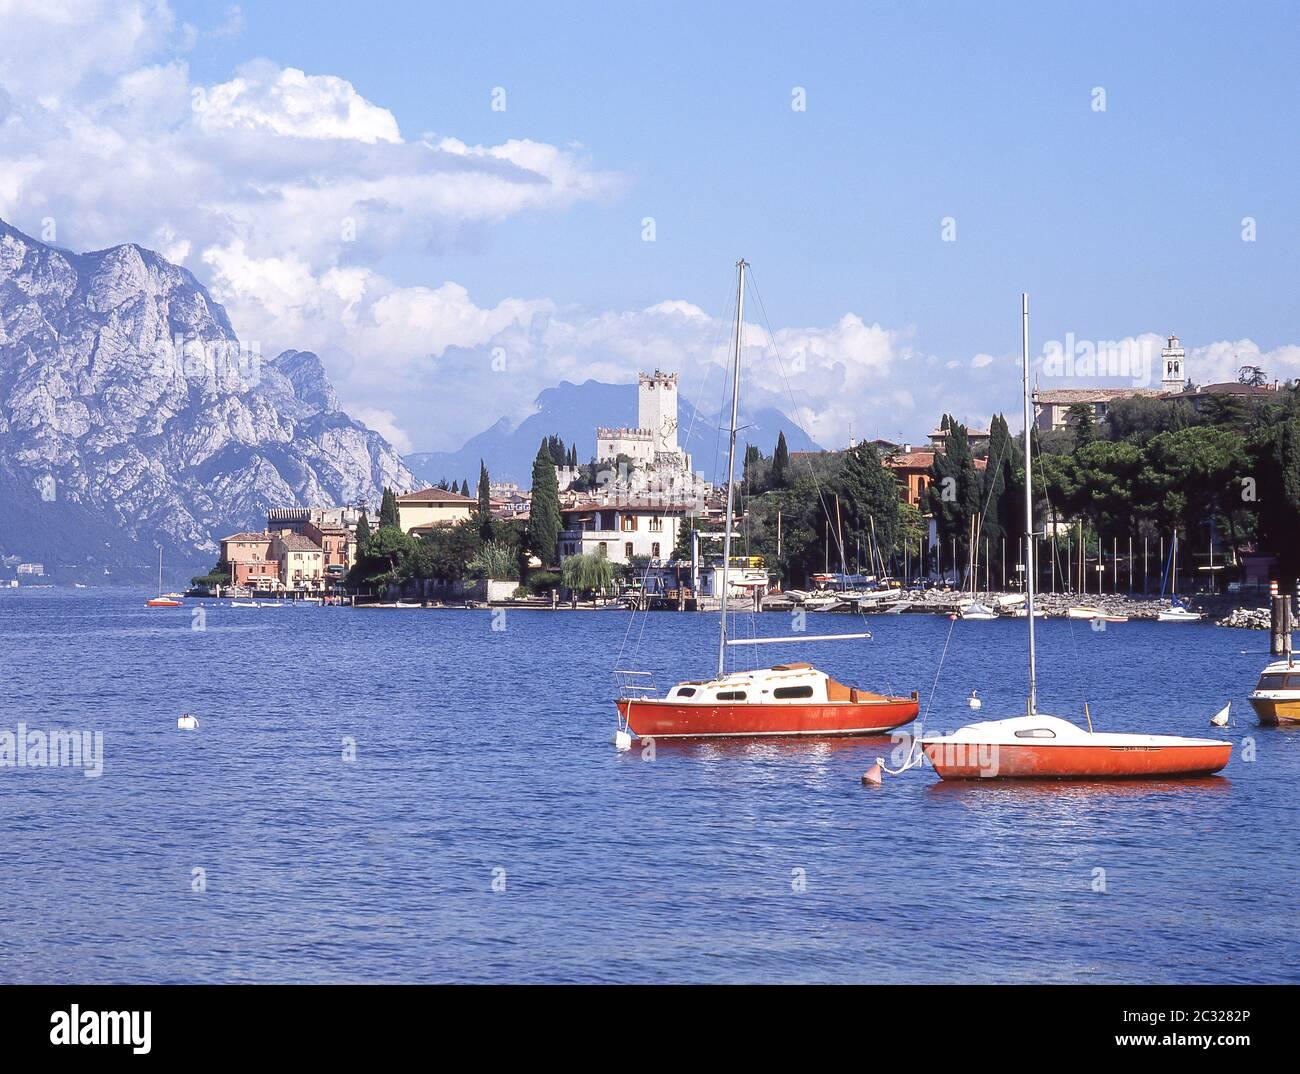 Bateaux dans le port sur le lac de Garde, Malcsene, province de Vérone, région de Vénétie, Italie Banque D'Images